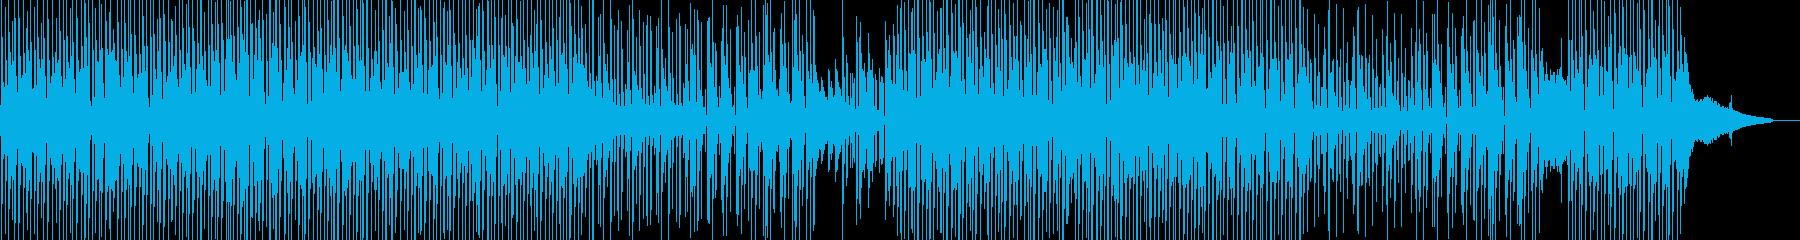 ウクレレ・軽快・ほのぼの作品に 短尺の再生済みの波形